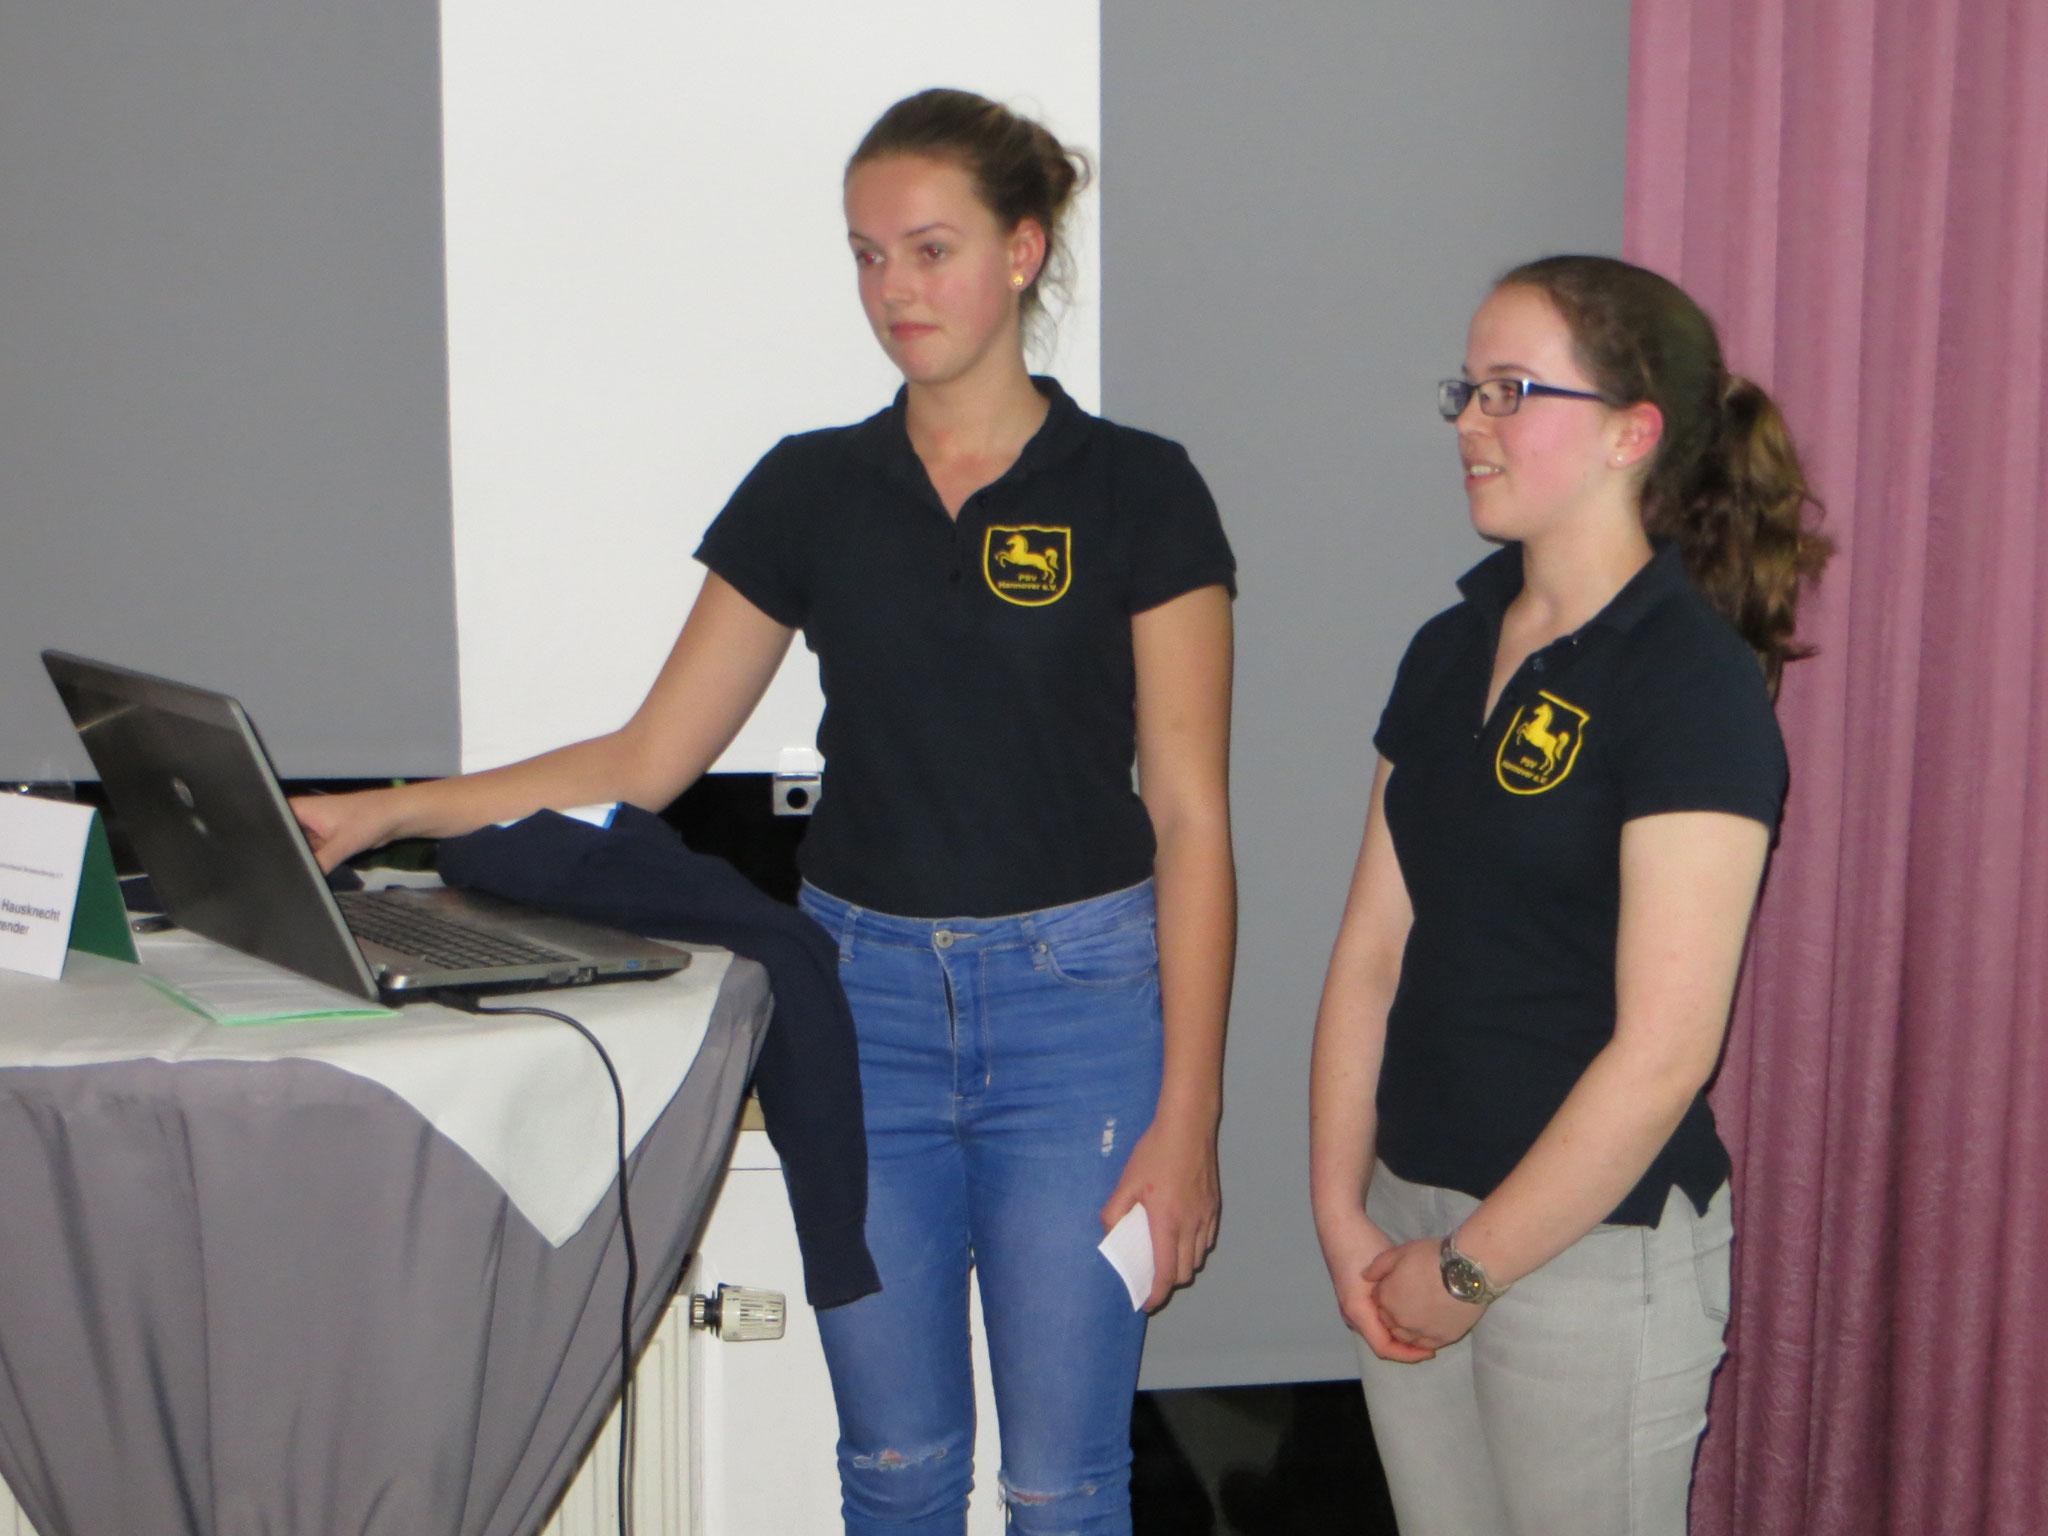 Ineken Stute und Emma-Lee Theuss bei der Präsentation des Jugendteams